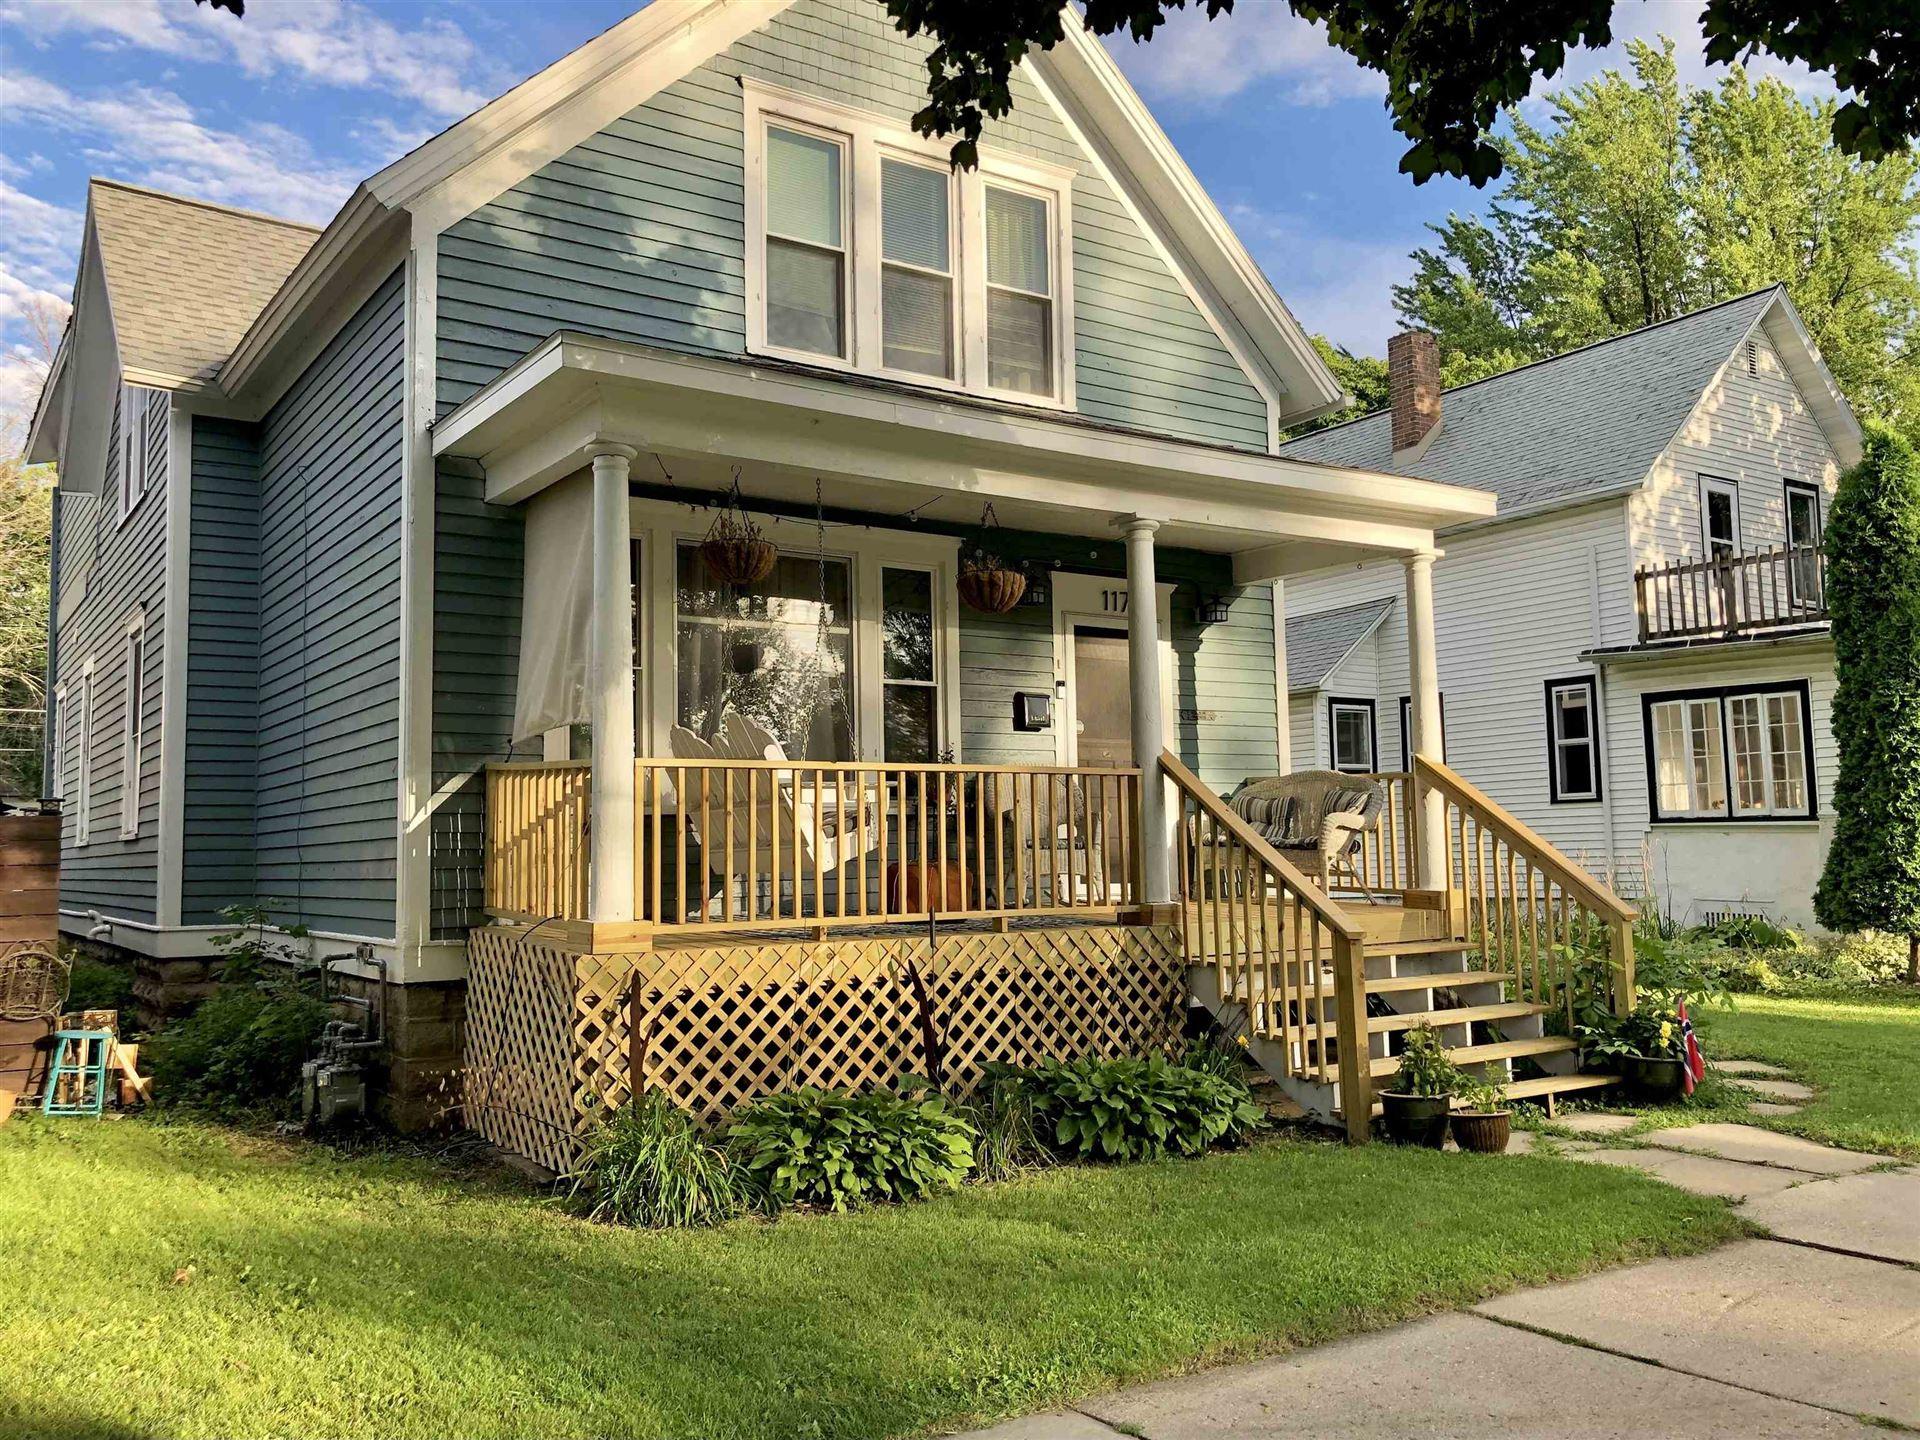 117 S OAKLAND Avenue, Green Bay, WI 54303 - MLS#: 50246846